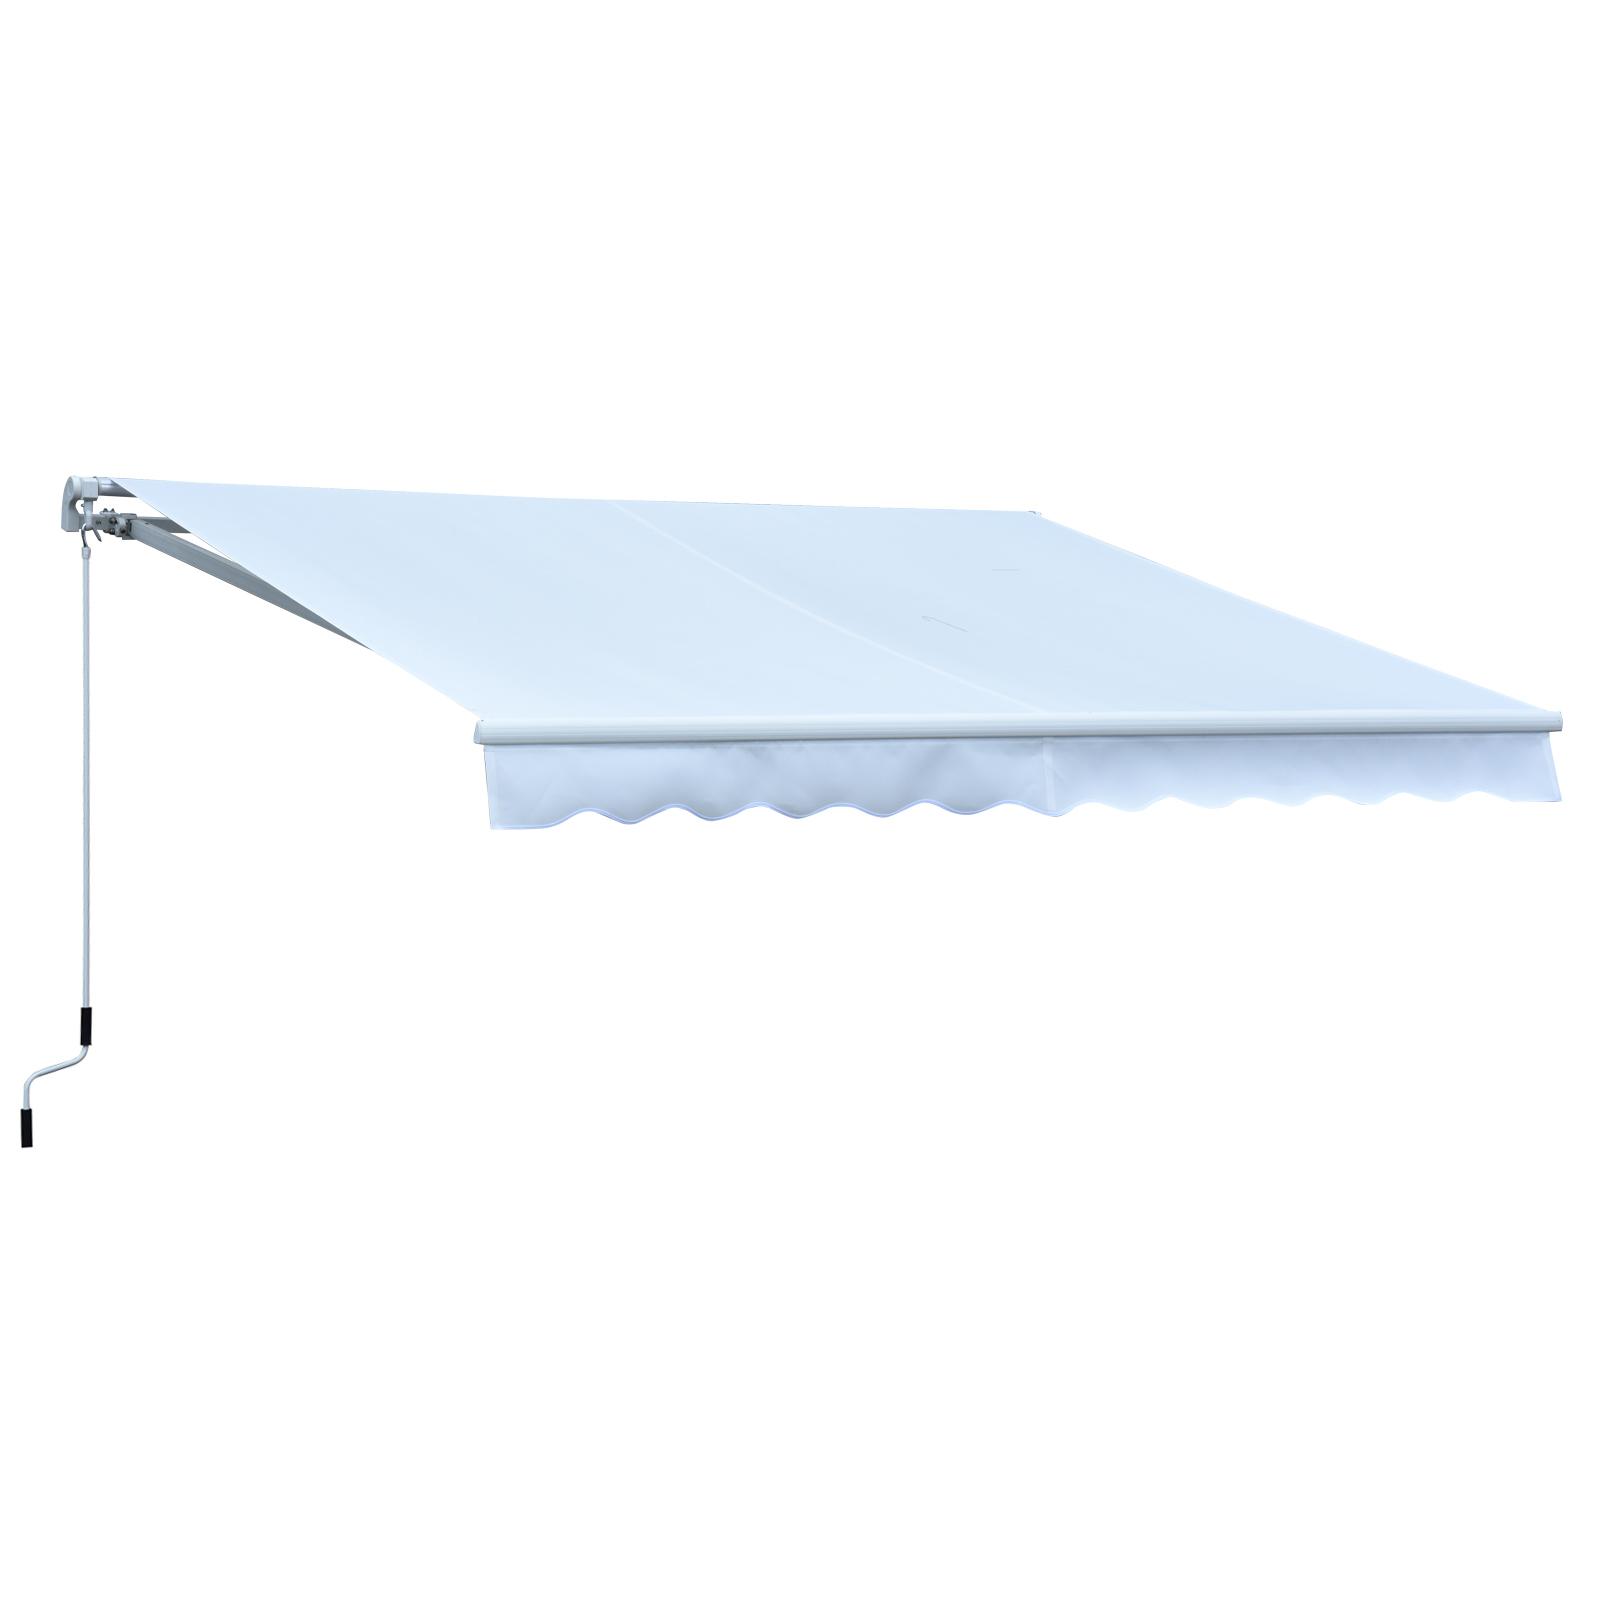 Outsunny Store banne manuel rétractable alu. polyester imperméabilisé haute densité 3,95L x 3l m blanc